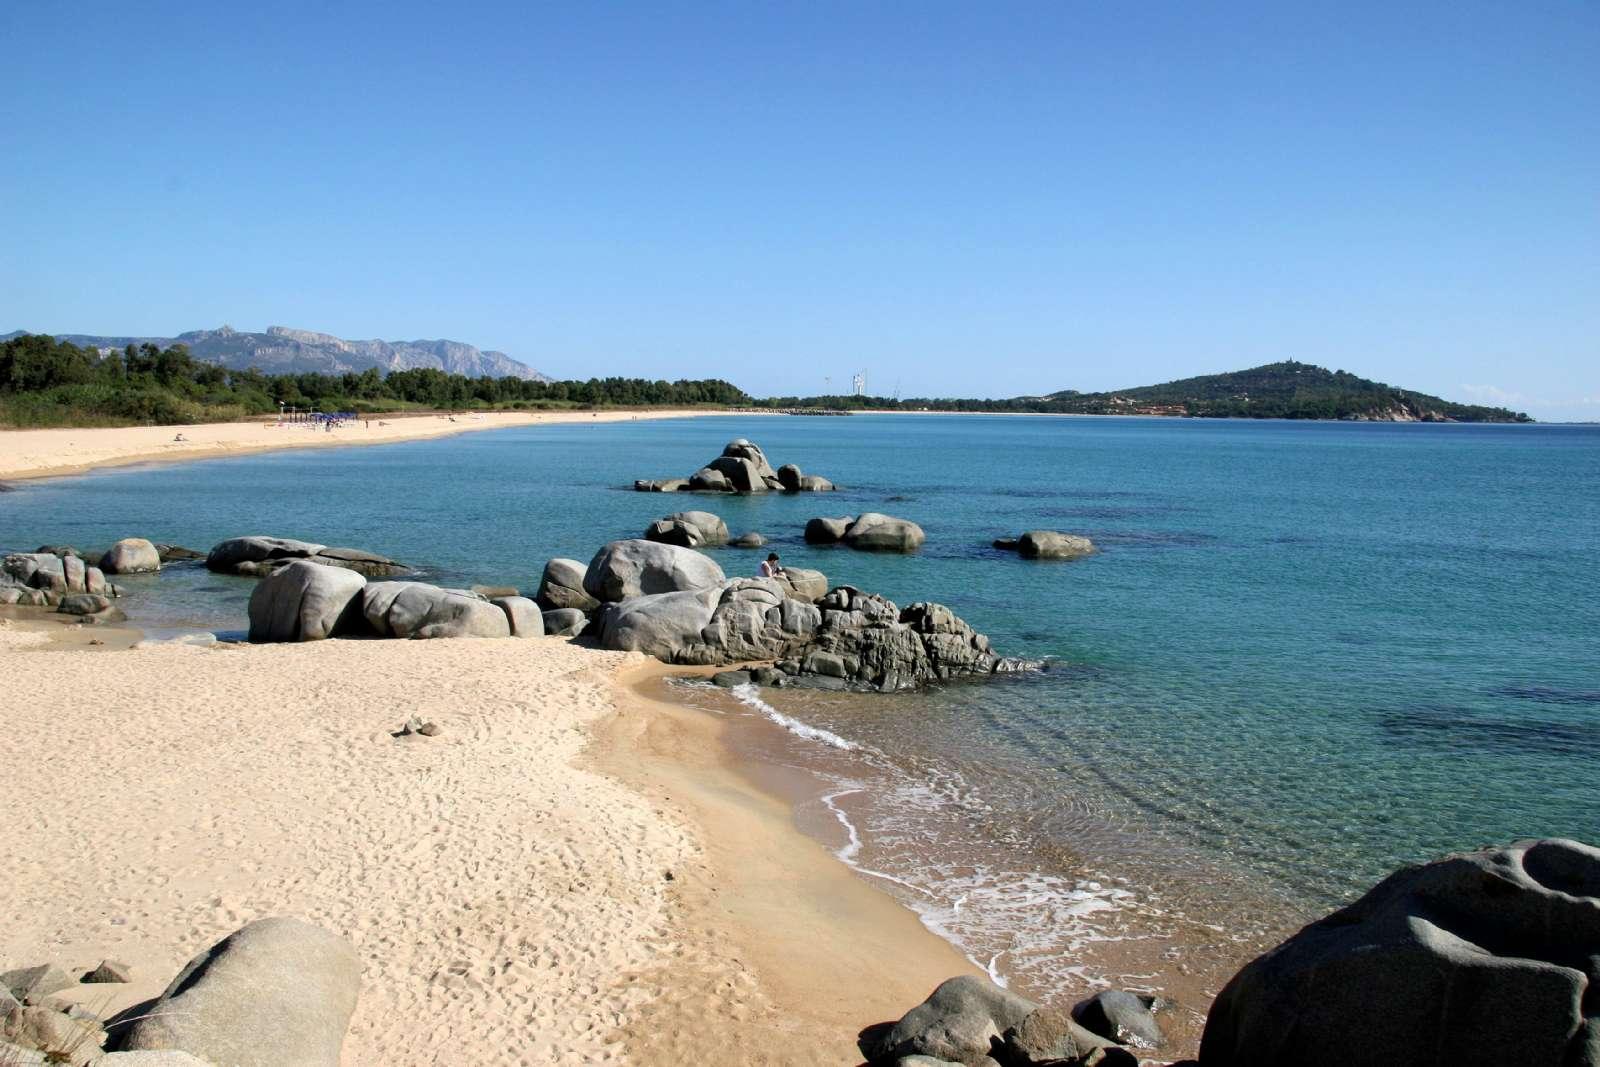 Les plages de sable doré de Lido di Orri